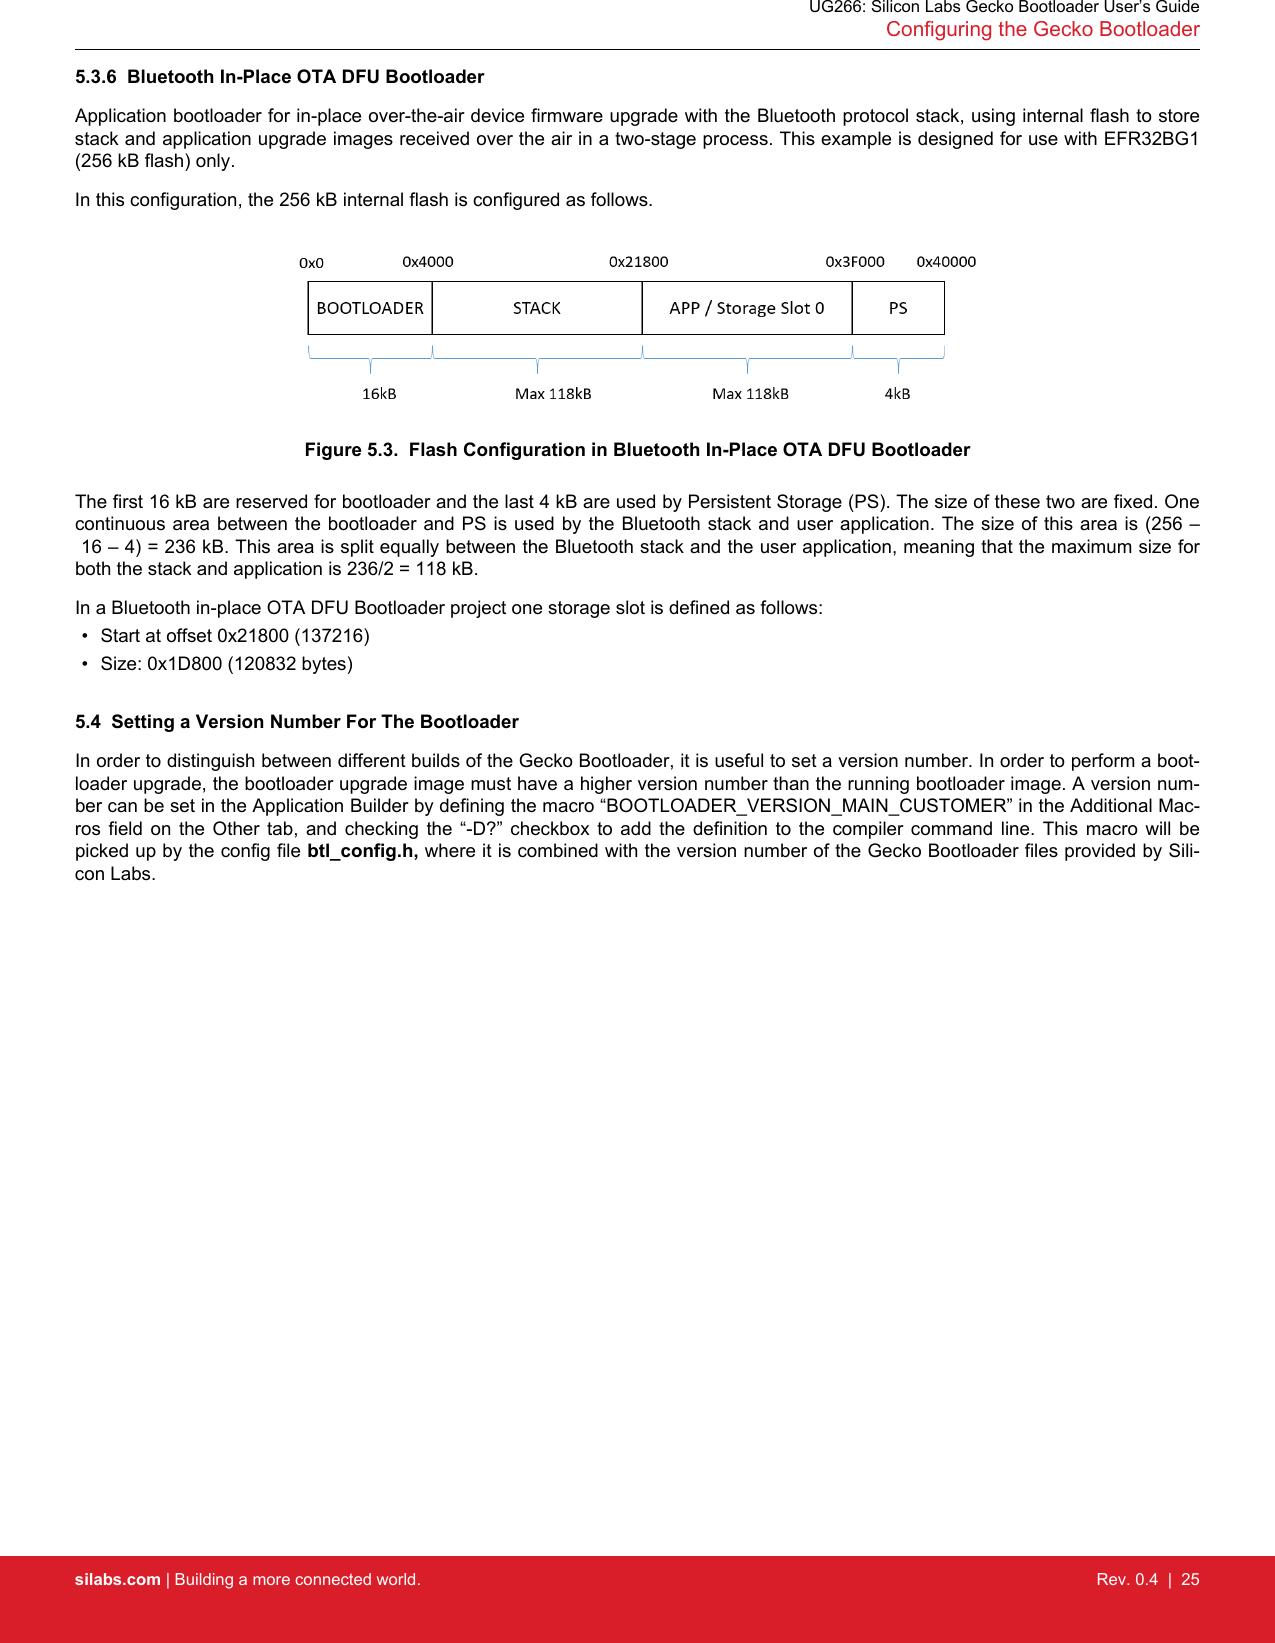 UG266: Silicon Labs Gecko Bootloader User's Guide Ug266 user